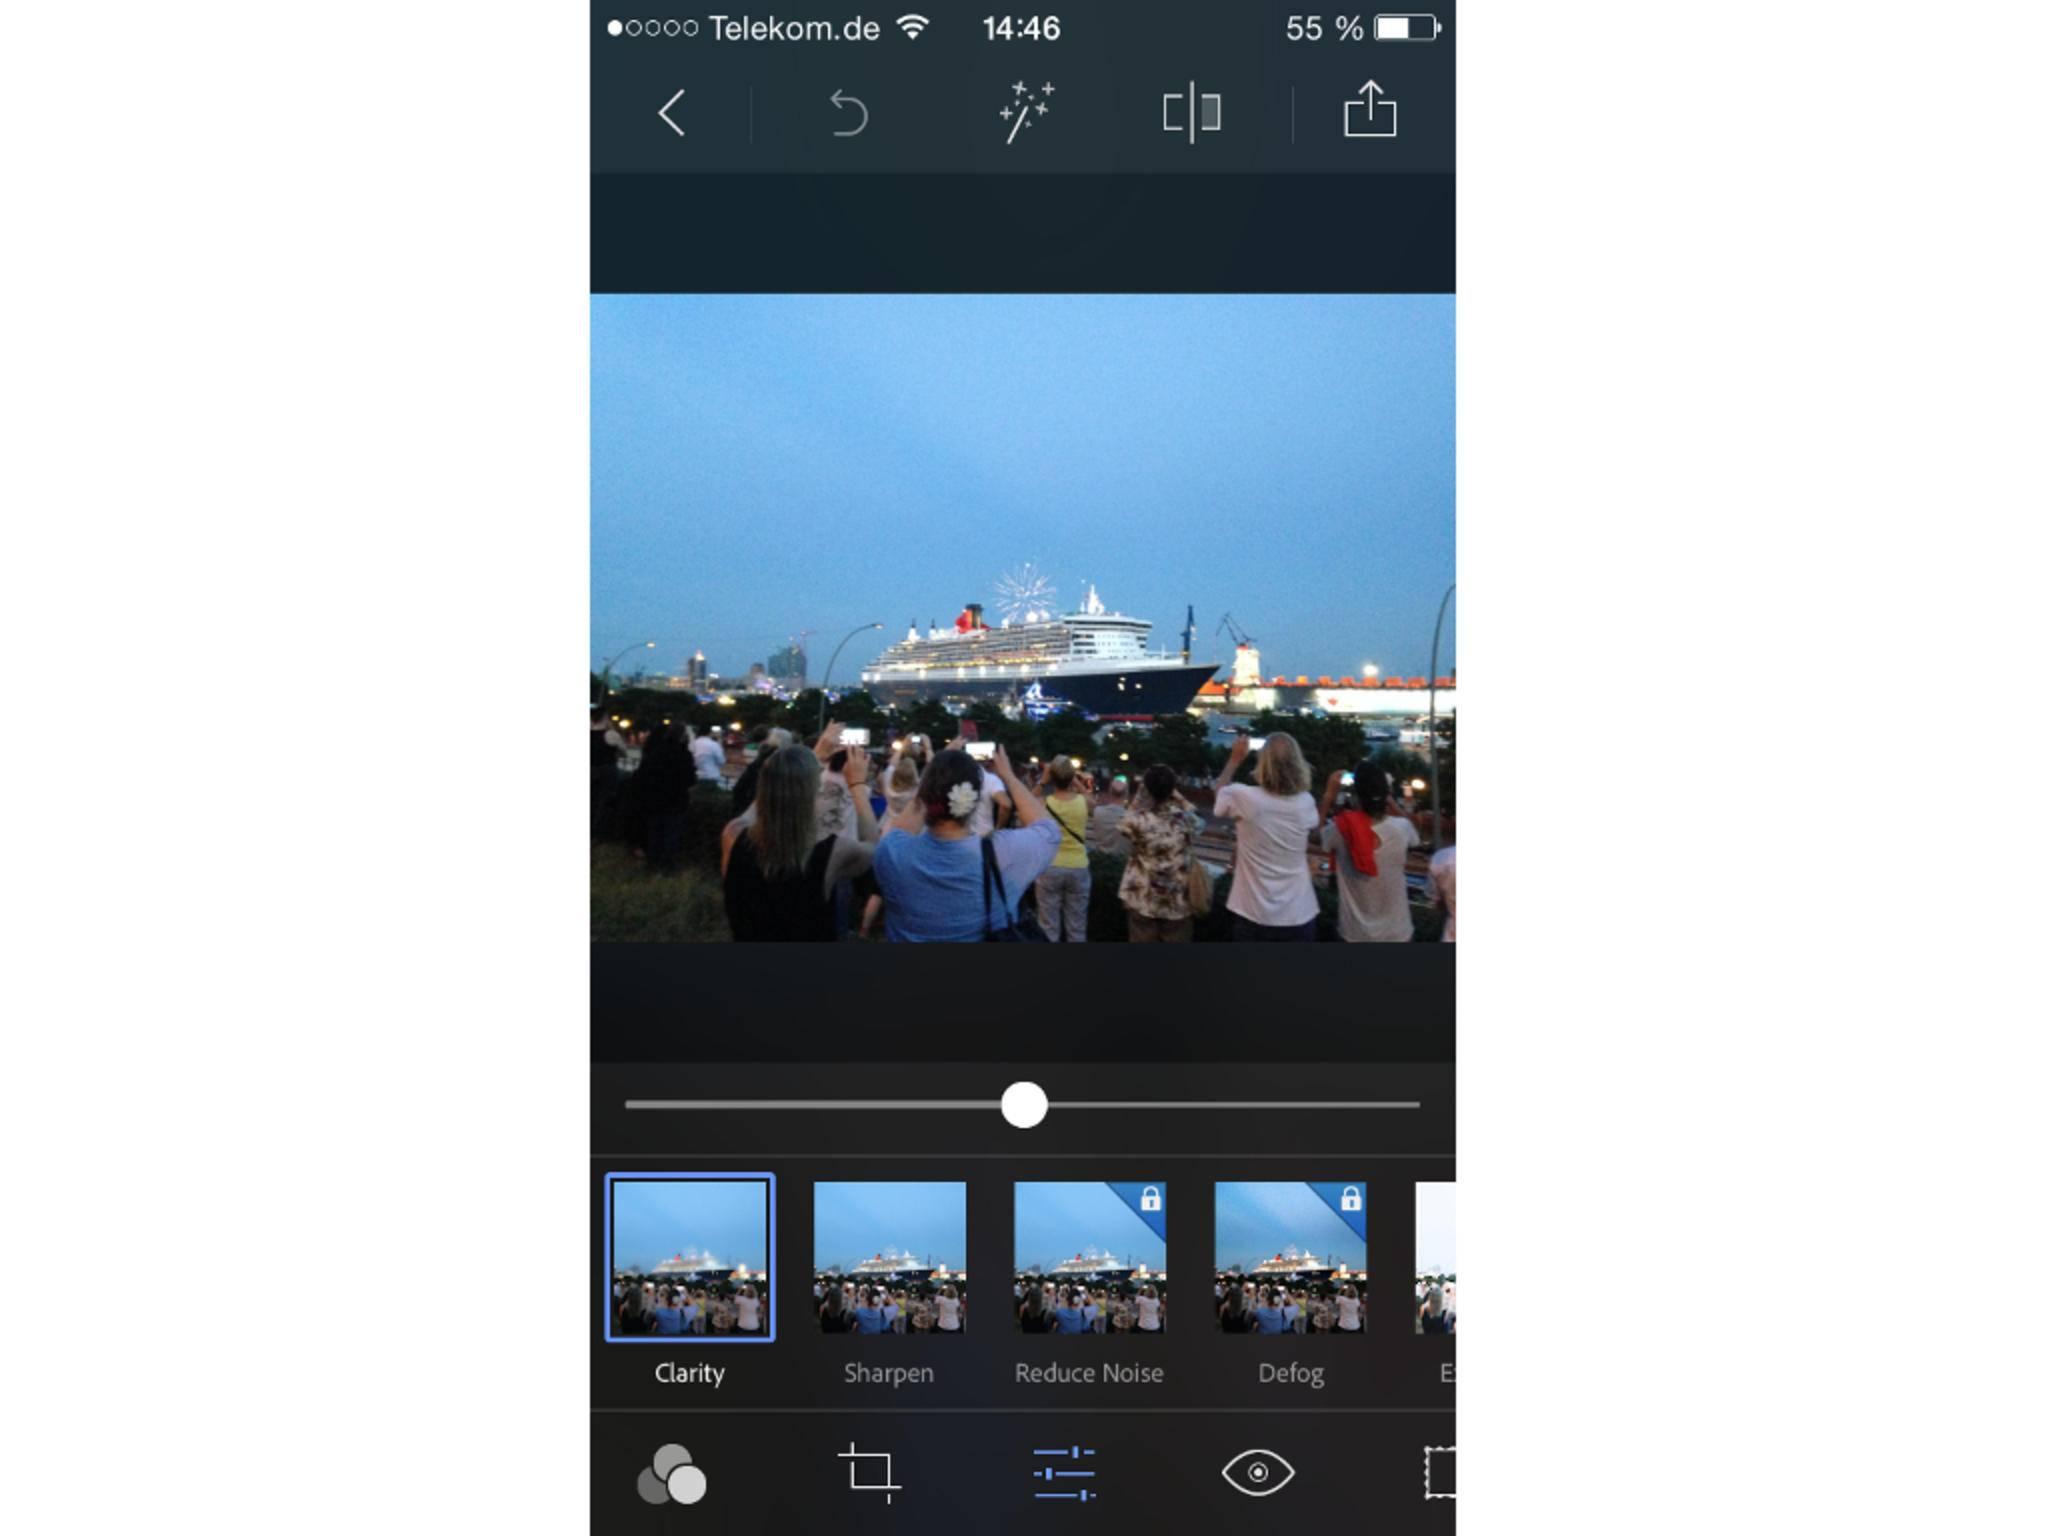 Das Schärfen läuft in Adobe Photoshop Express über das Icon mit den drei Linien.